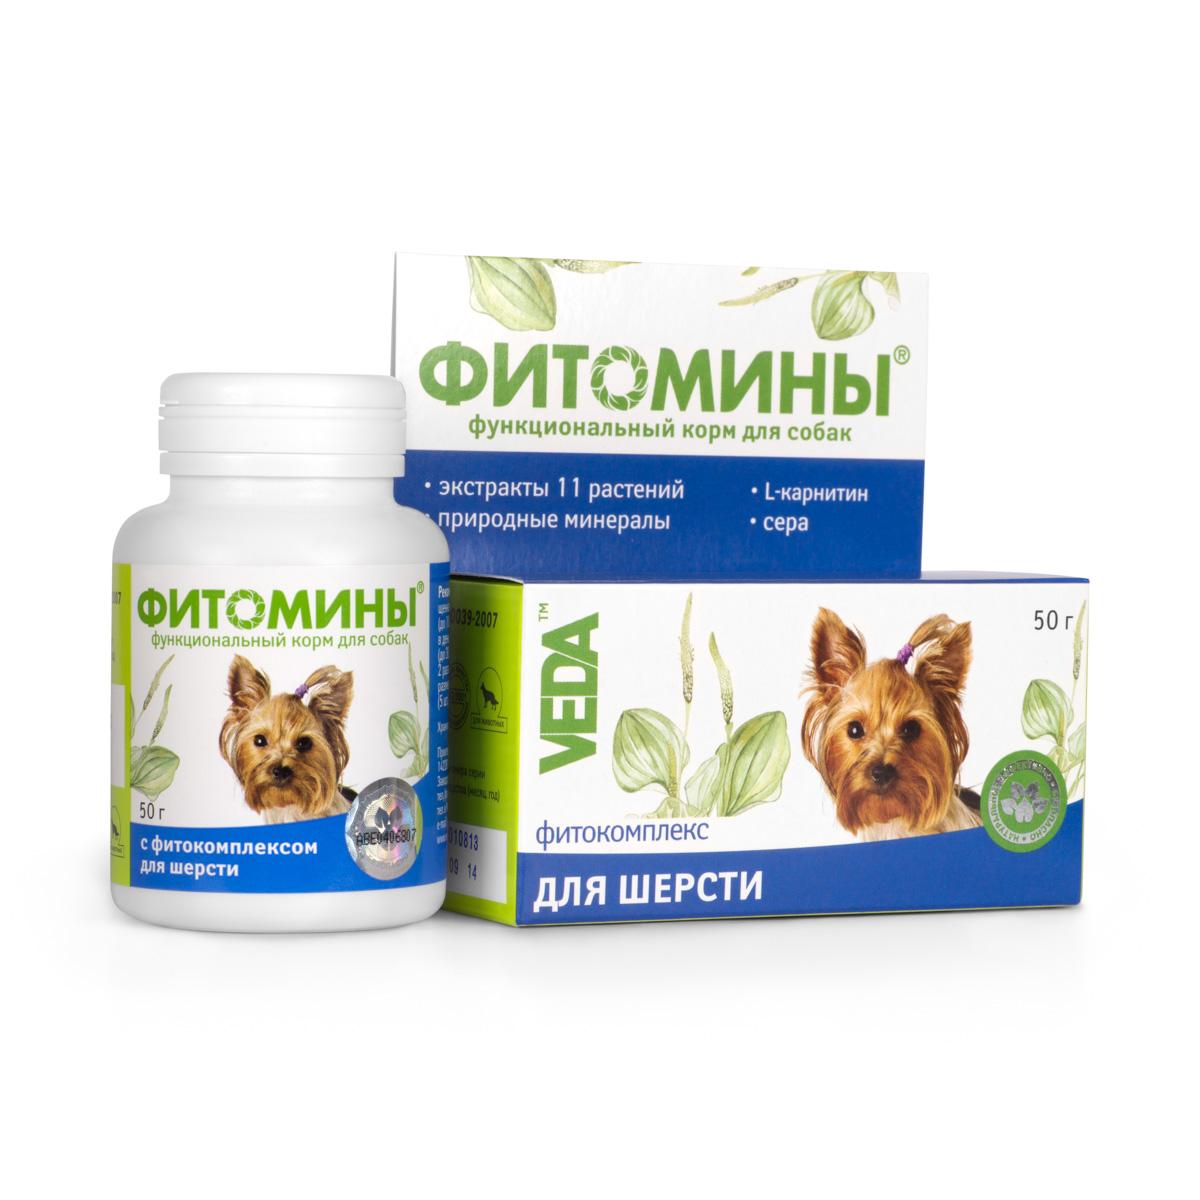 Корм для собак VEDA Фитомины, функциональный, с фитокомплексом, для шерсти, 50 г101246Функциональный корм для собак VEDA Фитомины с фитокомплексом способствует оздоровлению шерстного покрова, восстановлению красивого внешнего вида.Рекомендуется включать в рацион:- при выпадении шерсти, аллопециях (облысении), внесезонных линьках,- при нездоровом виде шерсти для улучшения её структуры и окраса,- при подготовке животного к выставке.Состав: лактоза; крахмал; дрожжи пивные; фитокомплекс: корней лопуха, листьев крапивы, листьев березы, цветков ромашки, травы чабреца, корневищ аира, травы череды, корней и корневищ солодки, травы подмаренника, листьев подорожника большого, травы тысячелистника; природный минеральный комплекс; паровая мясная мука; стеарат кальция; L-карнитин; сера.100 г продукта содержится (не менее): углеводы - 90 г; жиры - 0,1 г; белки - 4,0 г; кальций - 600 мг; фосфор - 360 мг; железо - 15,0 мг; цинк - 4 мг; марганец - 0,1 мг; медь - 0,3 мг; L- карнитин - 0,5 г; сера - 0,1 г.Энергетическая ценность в 100 г: 380 ккал.Товар сертифицирован.